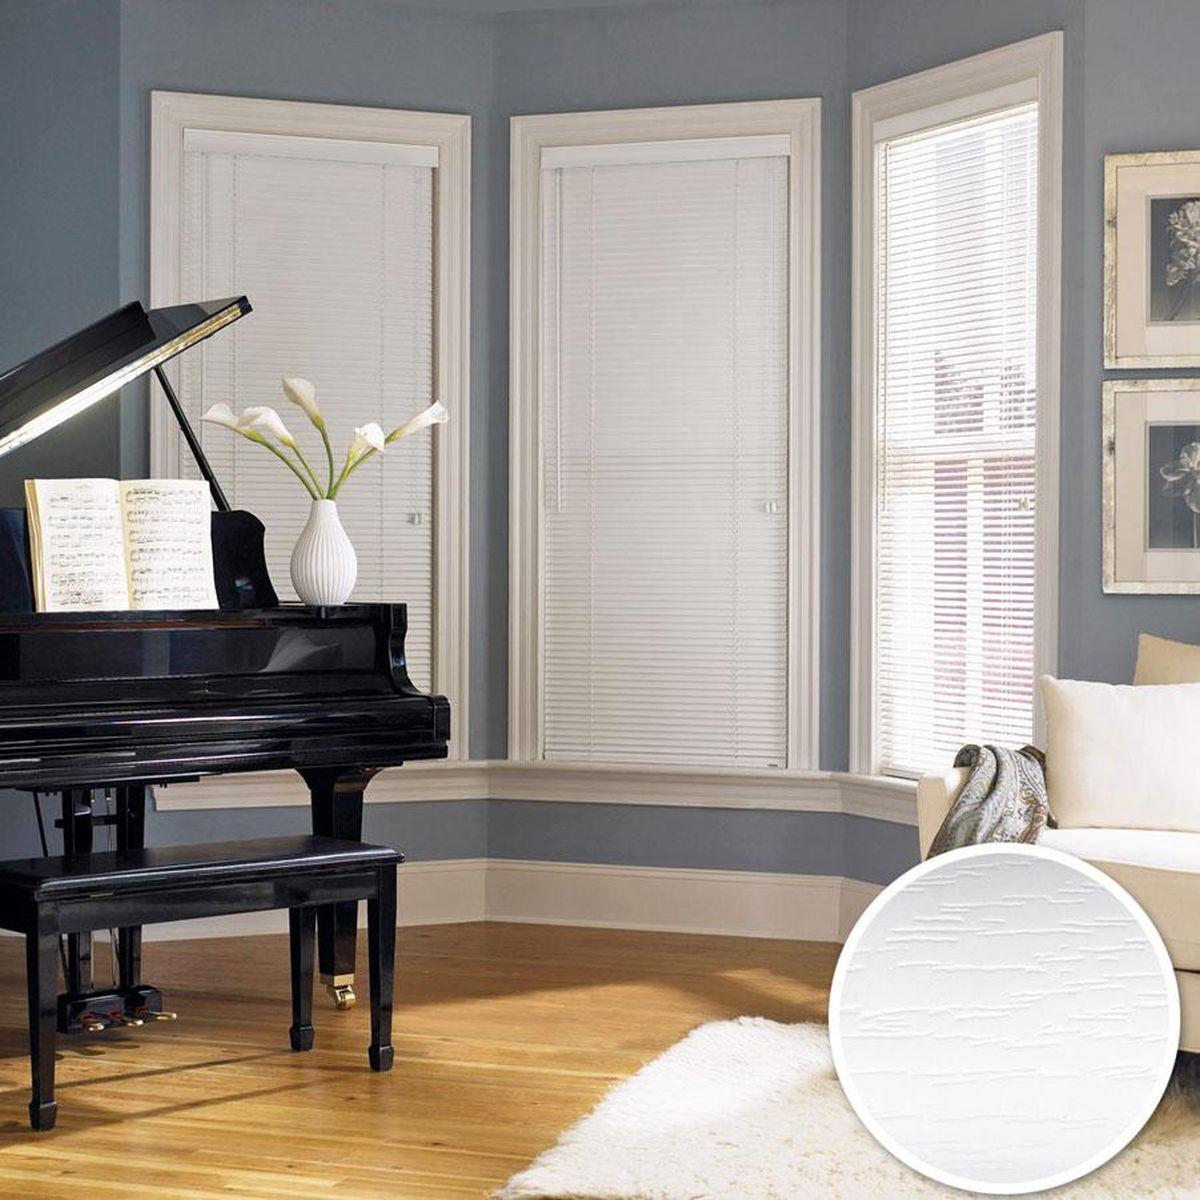 Жалюзи Эскар, цвет: белый, ширина 60 см, высота 160 см84021160170Для того чтобы придать интерьеру изюминку и завершенность, нет ничего лучше, чем использовать жалюзи на окнах квартиры, дома или офиса. С их помощью можно подчеркнуть индивидуальный вкус, а также стилевое оформление помещения. Помимо декоративных функций, жалюзи выполняют и практические задачи: они защищают от излишнего солнечного света, не дают помещению нагреваться, а также создают уют в темное время суток.Пластиковые жалюзи - самое универсальное и недорогое решение для любого помещения. Купить их может каждый, а широкий выбор размеров под самые популярные габариты сделает покупку простой и удобной. Пластиковые жалюзи имеют высокие эксплуатационные характеристики - они гигиеничны, что делает их незаменимыми при монтаже в детских и медицинских учреждениях.